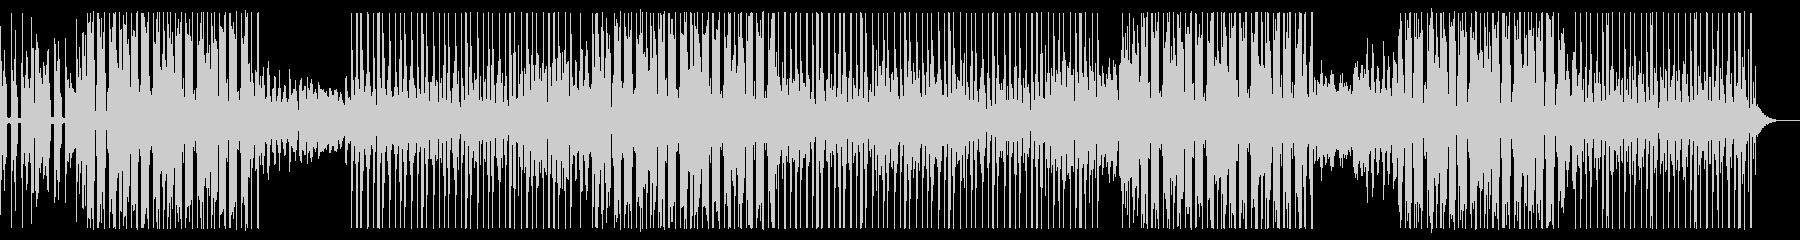 フリーソウル、シティポップ系HipHopの未再生の波形